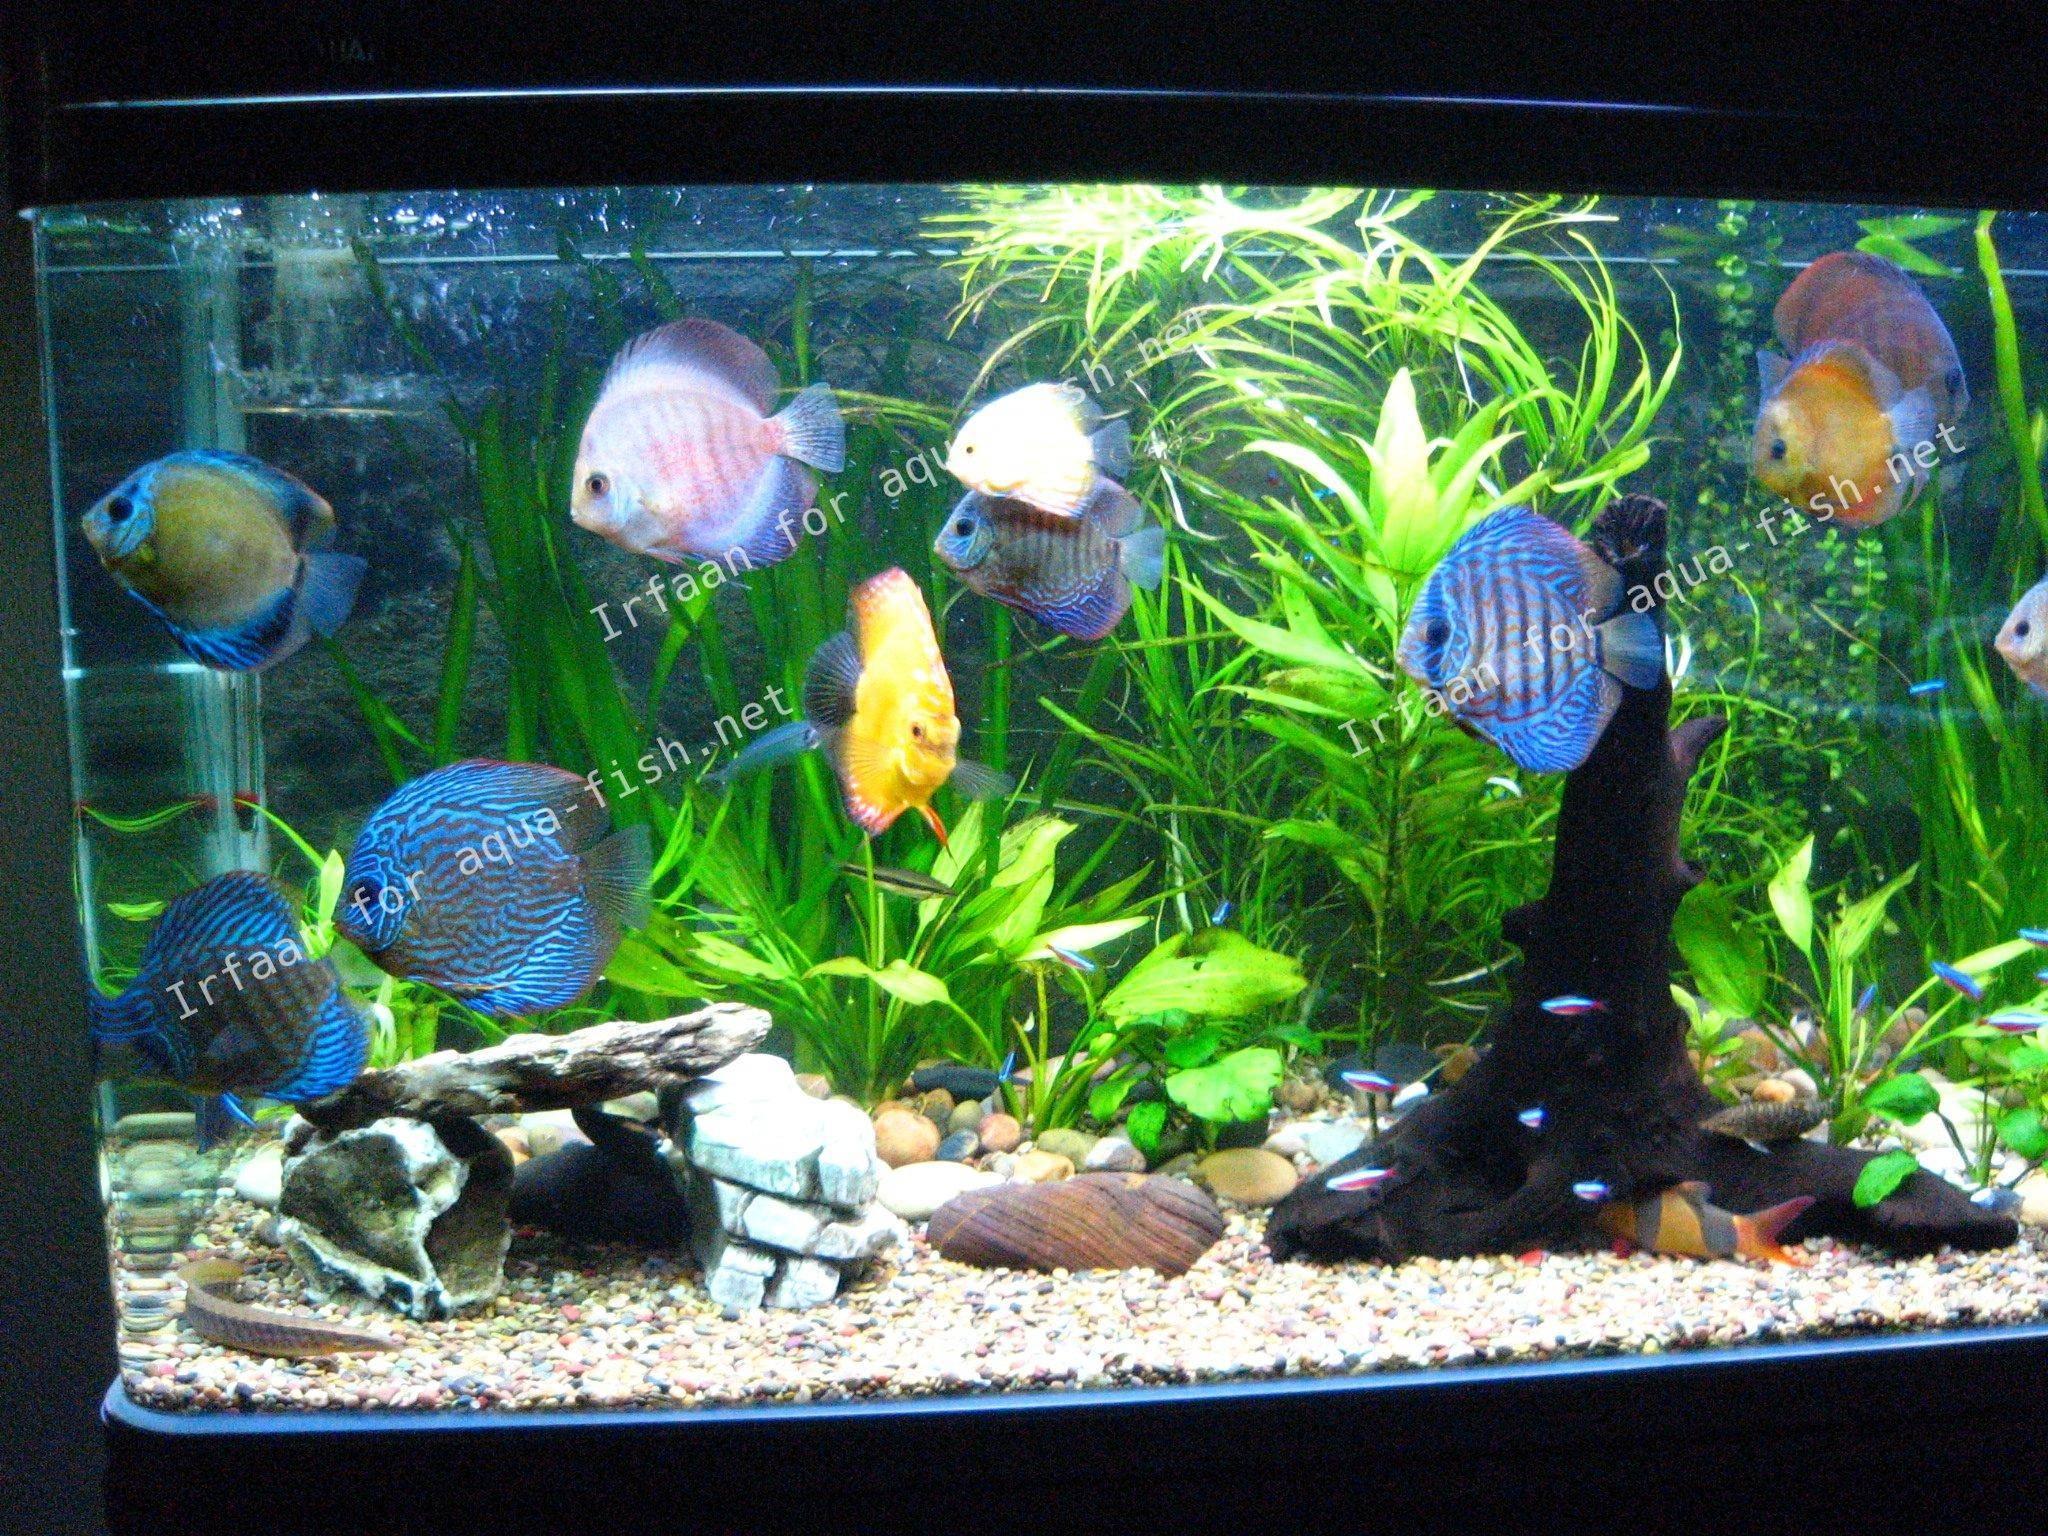 décor aquarium discus